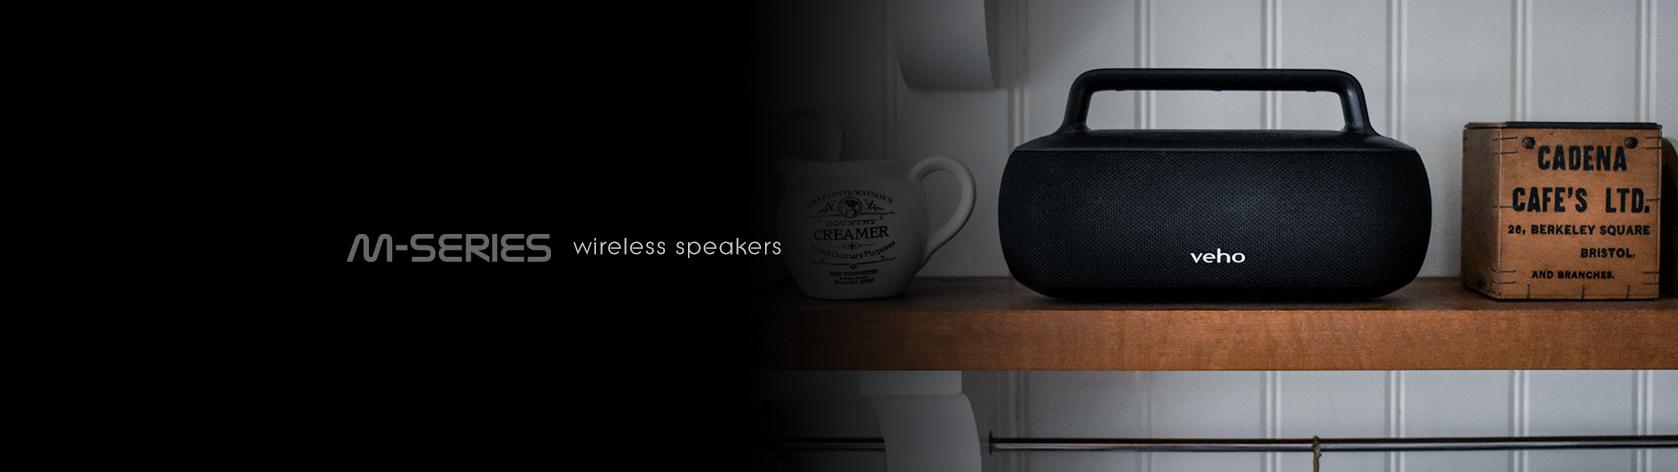 M-Series Speakers